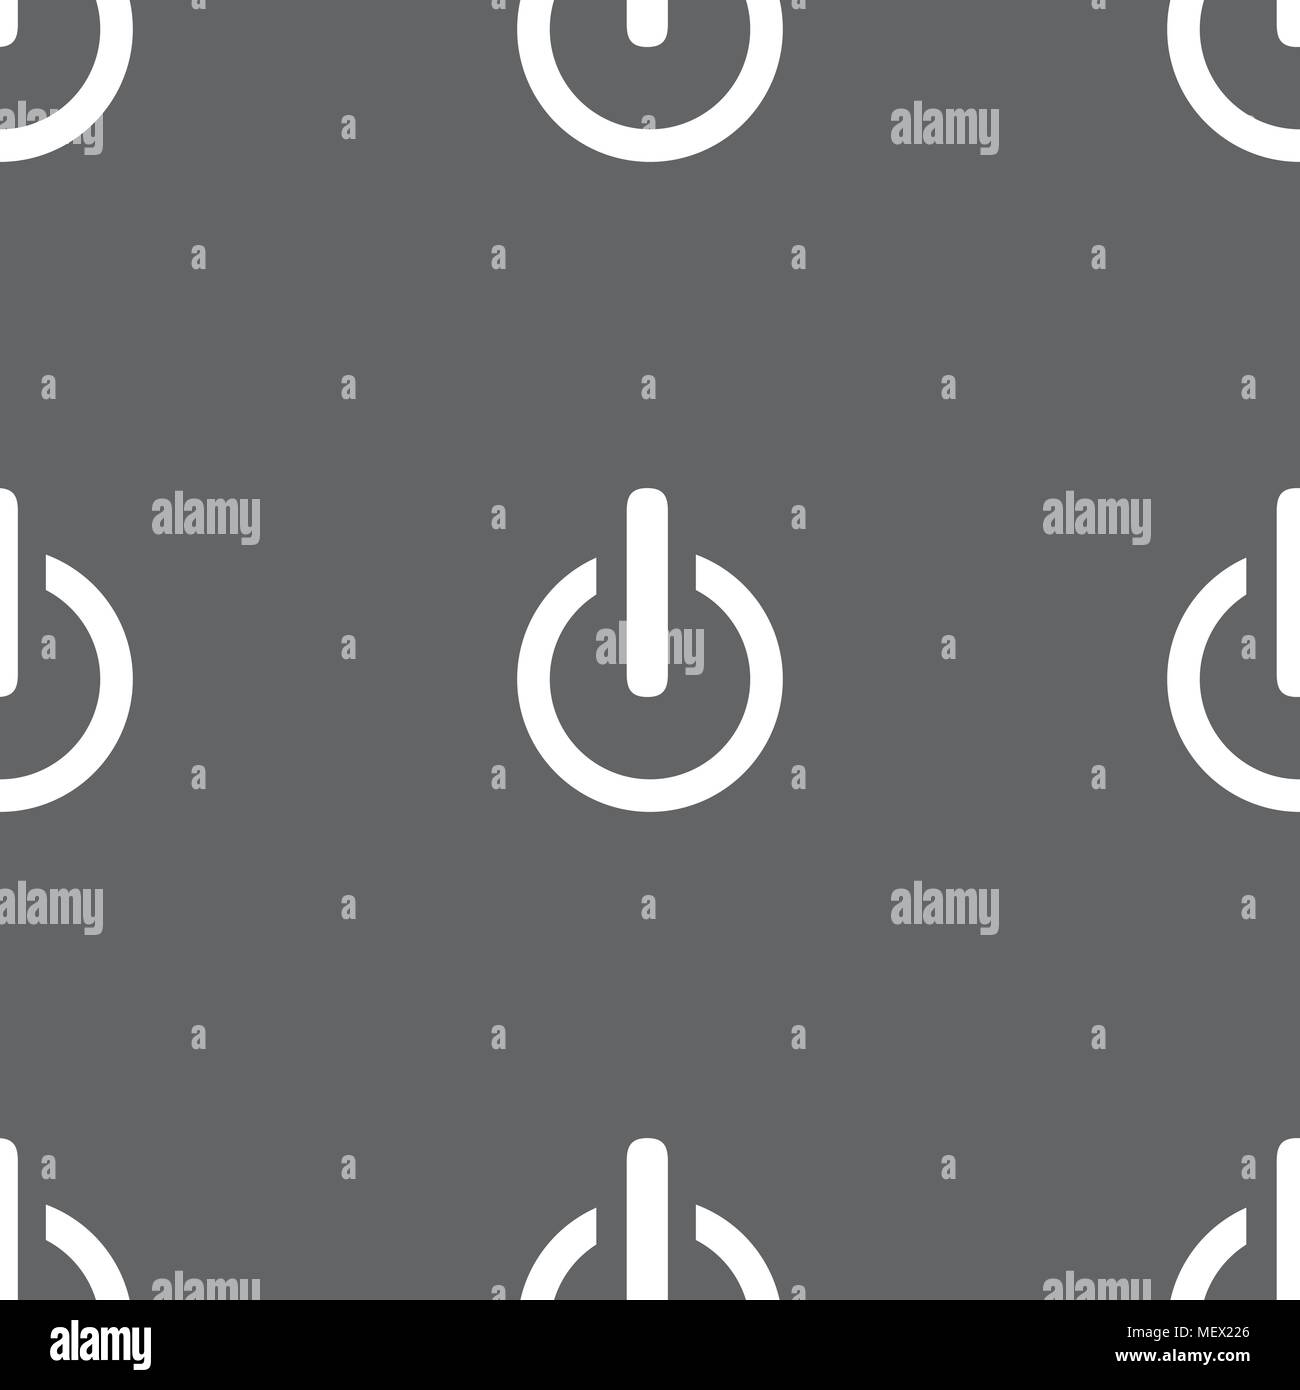 Großzügig Symbole Wechseln Fotos - Die Besten Elektrischen ...